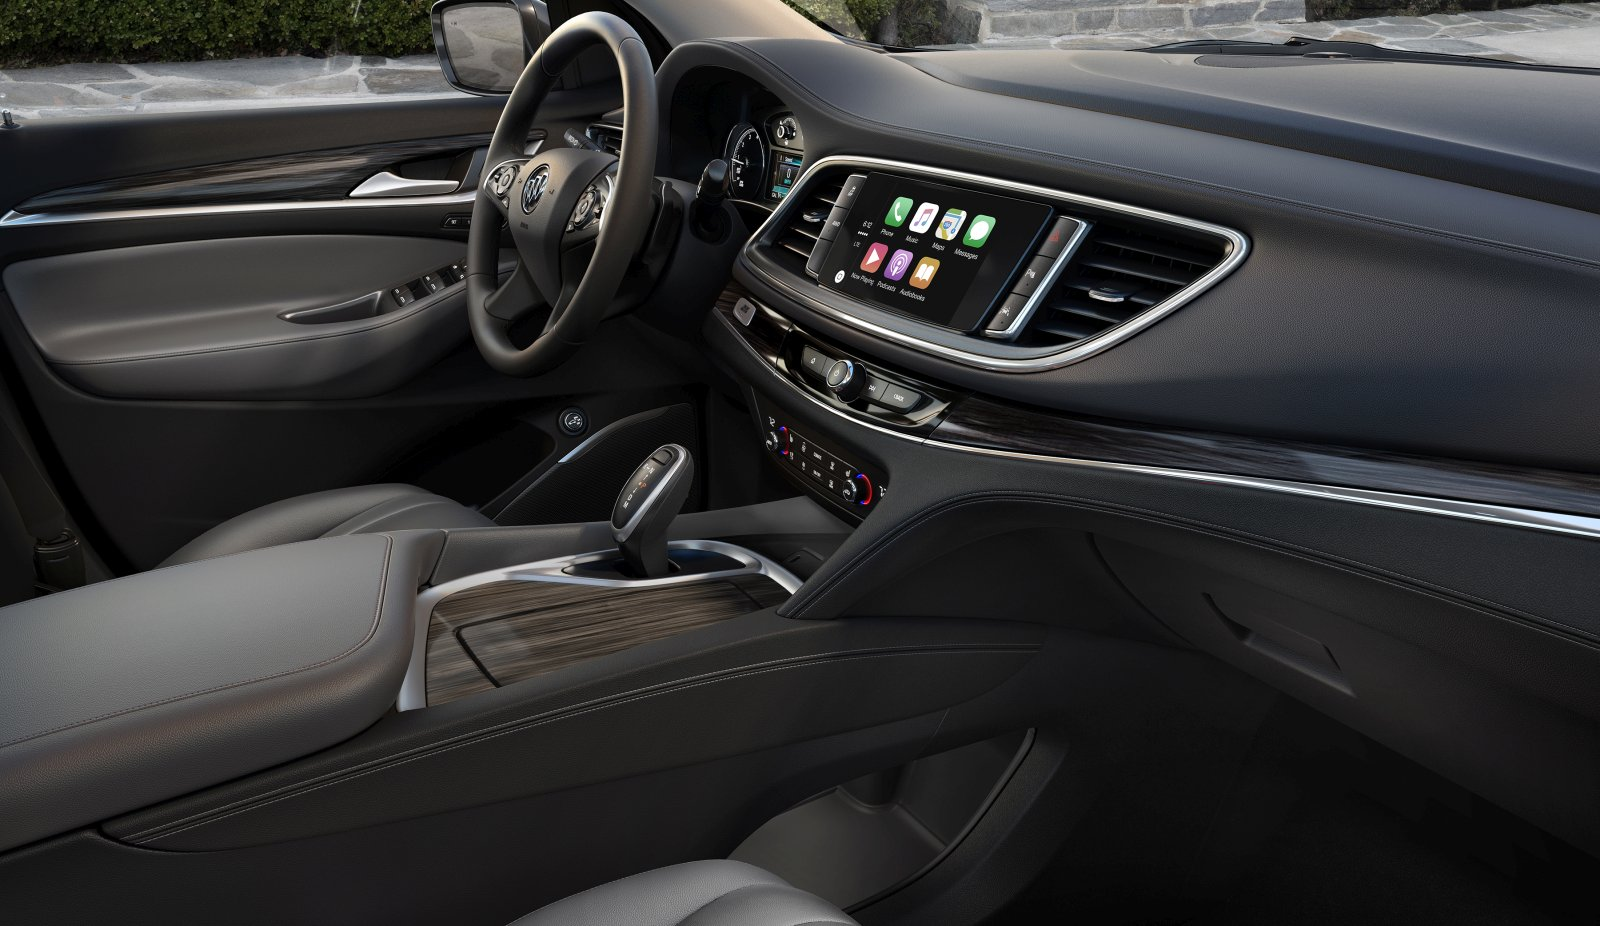 Opel Grandland X quasi enthüllt? - ALLES AUTO